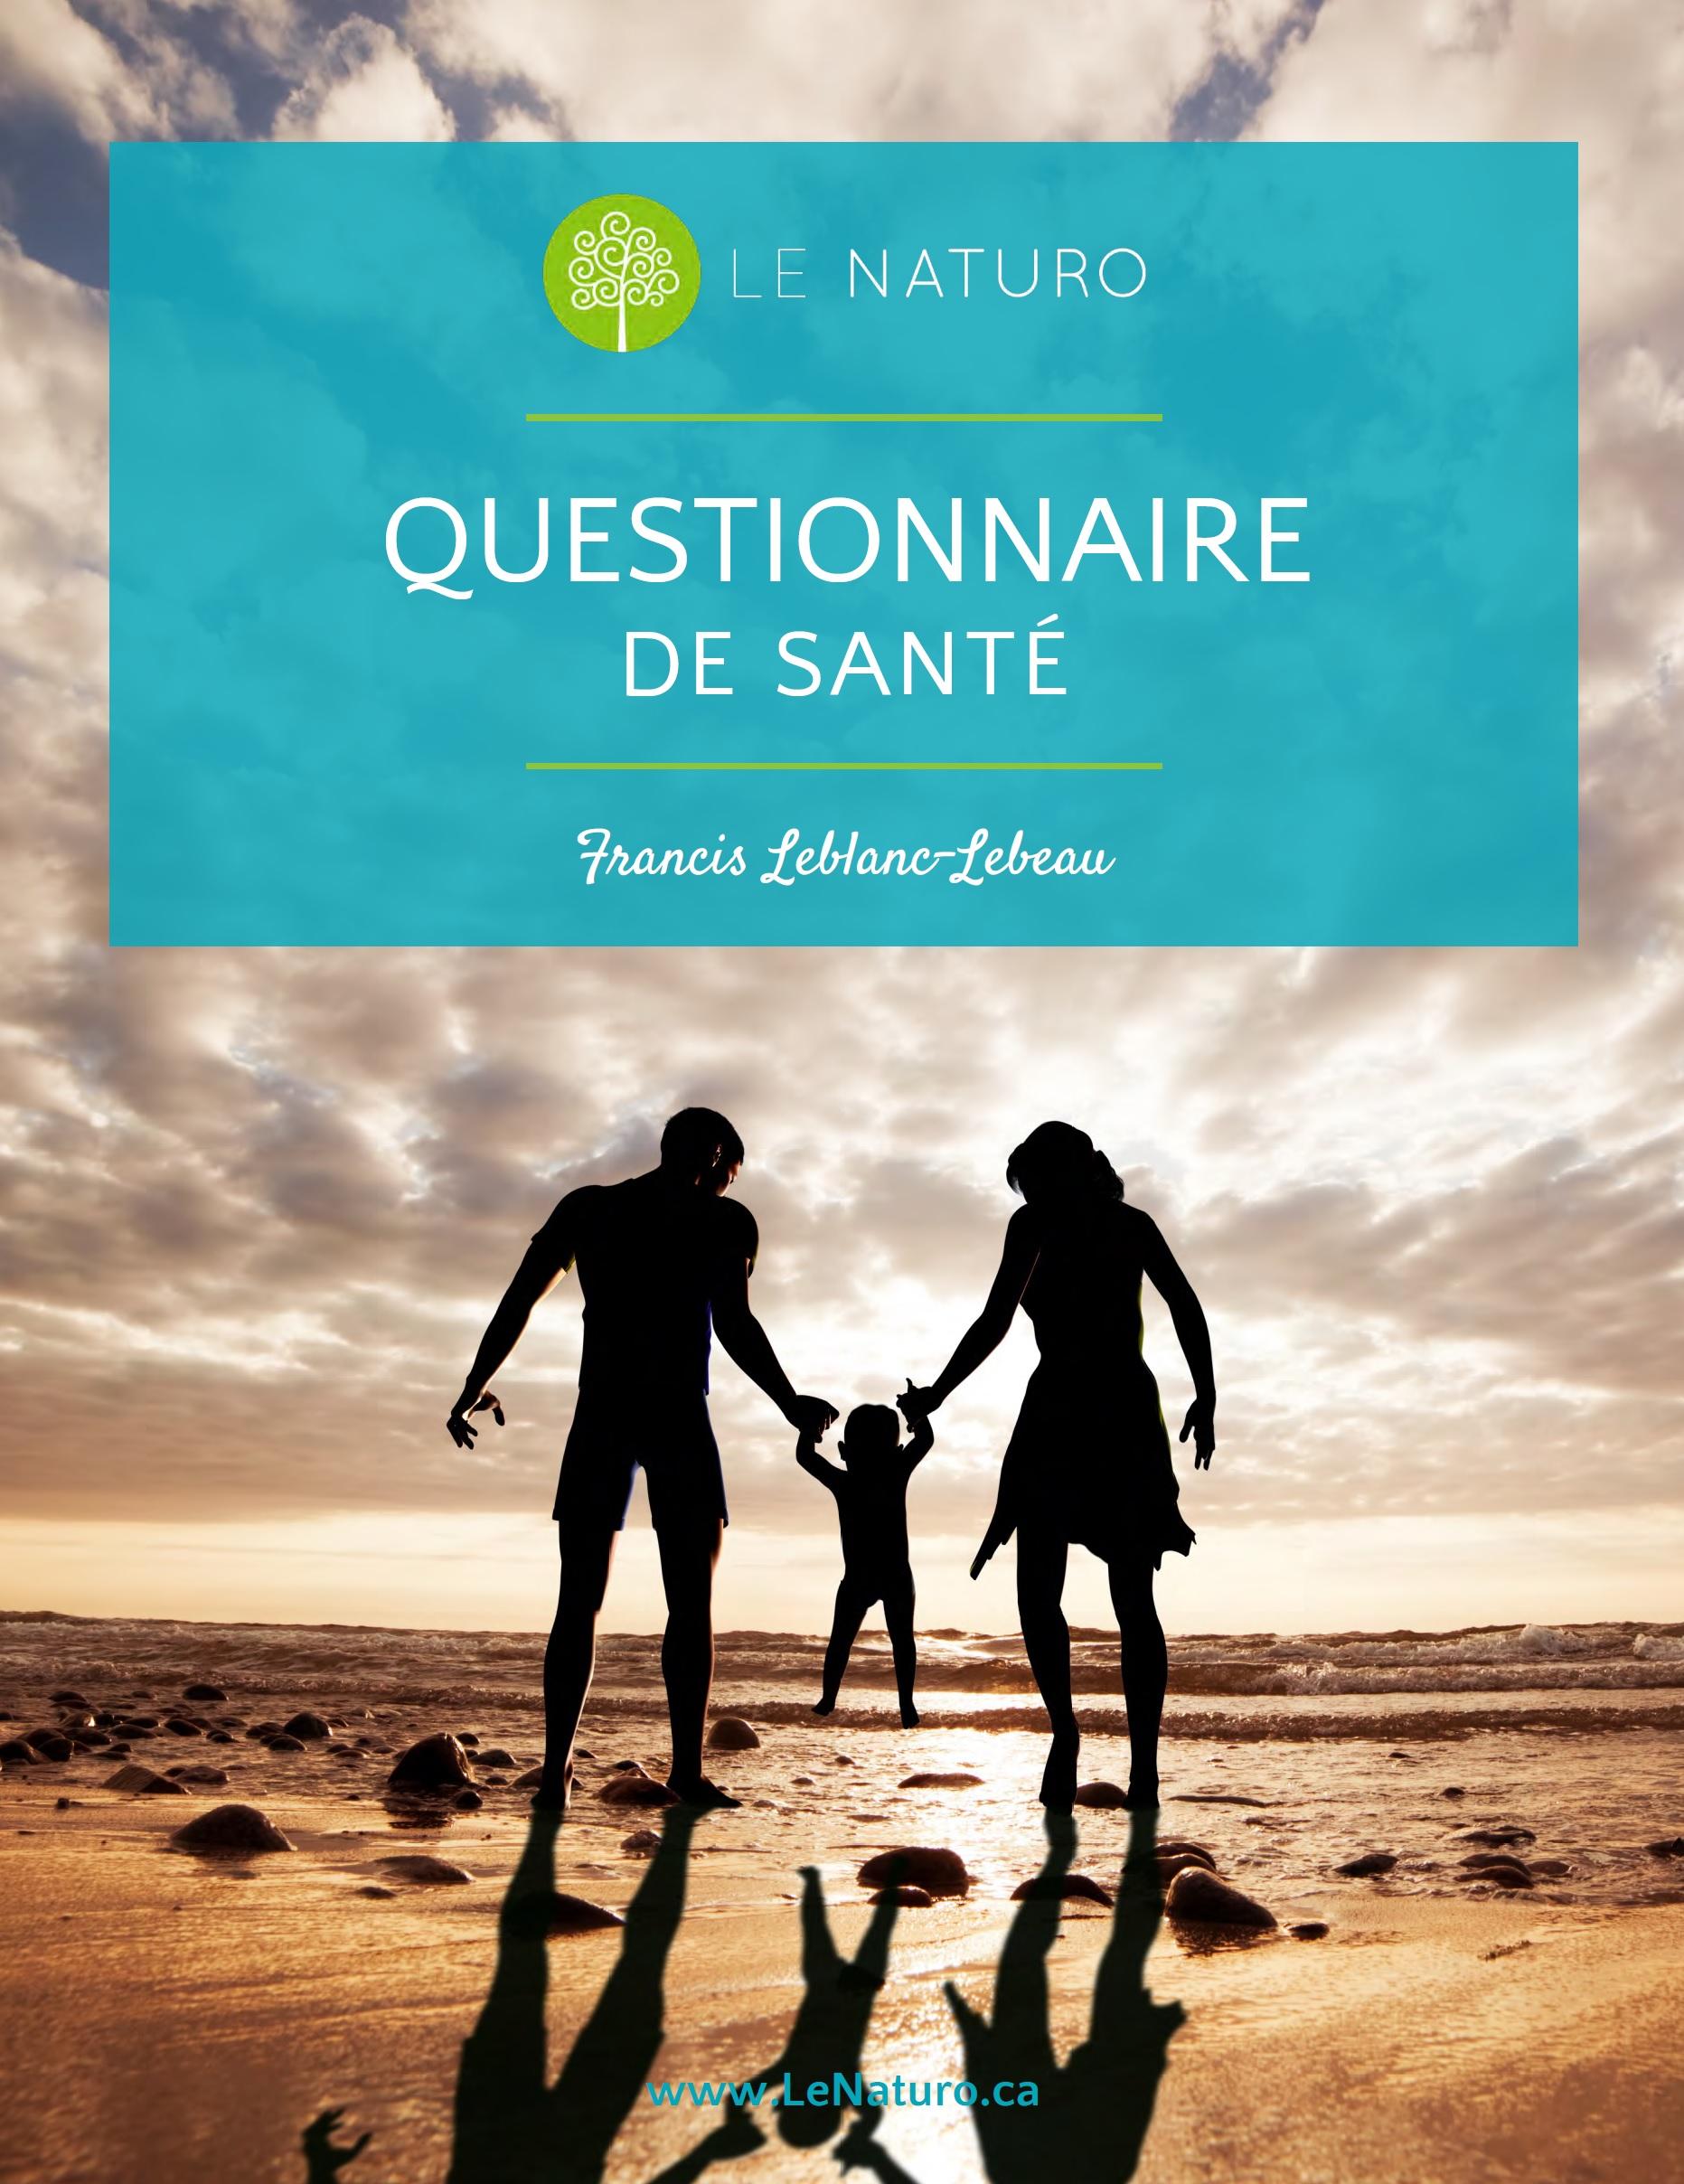 questionnaire_de_sante_cover_img.jpg